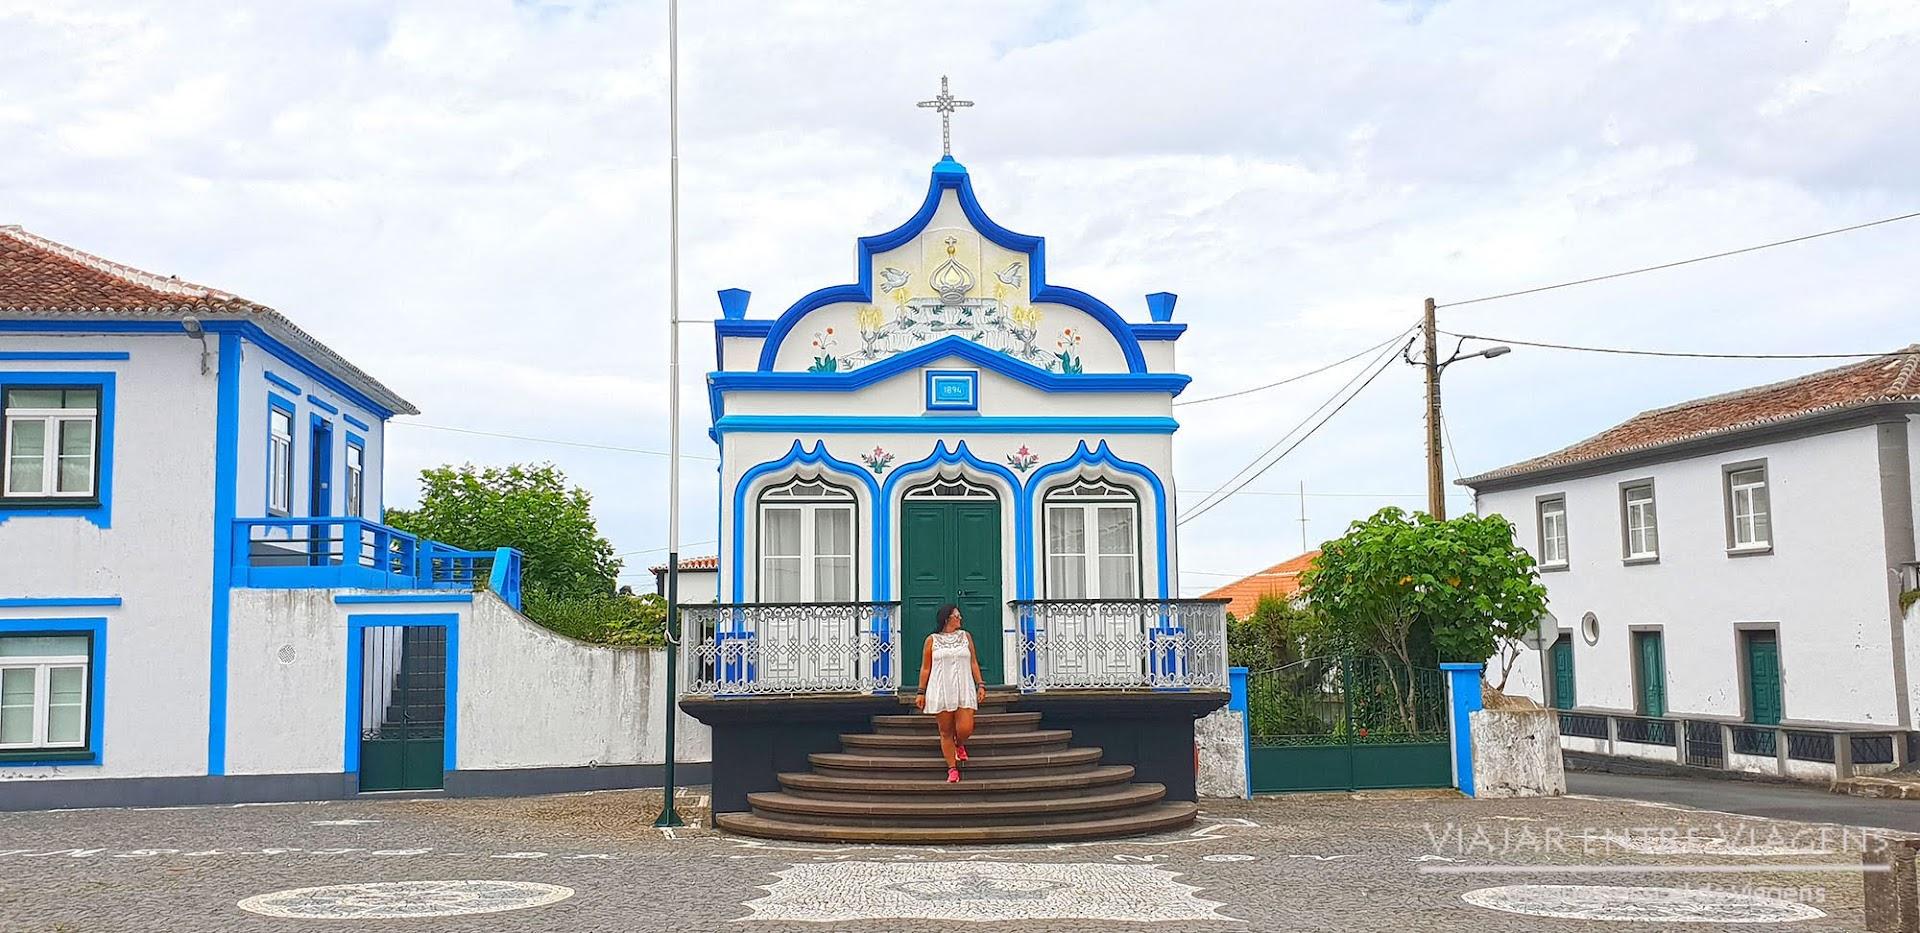 Conhecer os impérios do Divino Espírito Santo na ilha Terceira